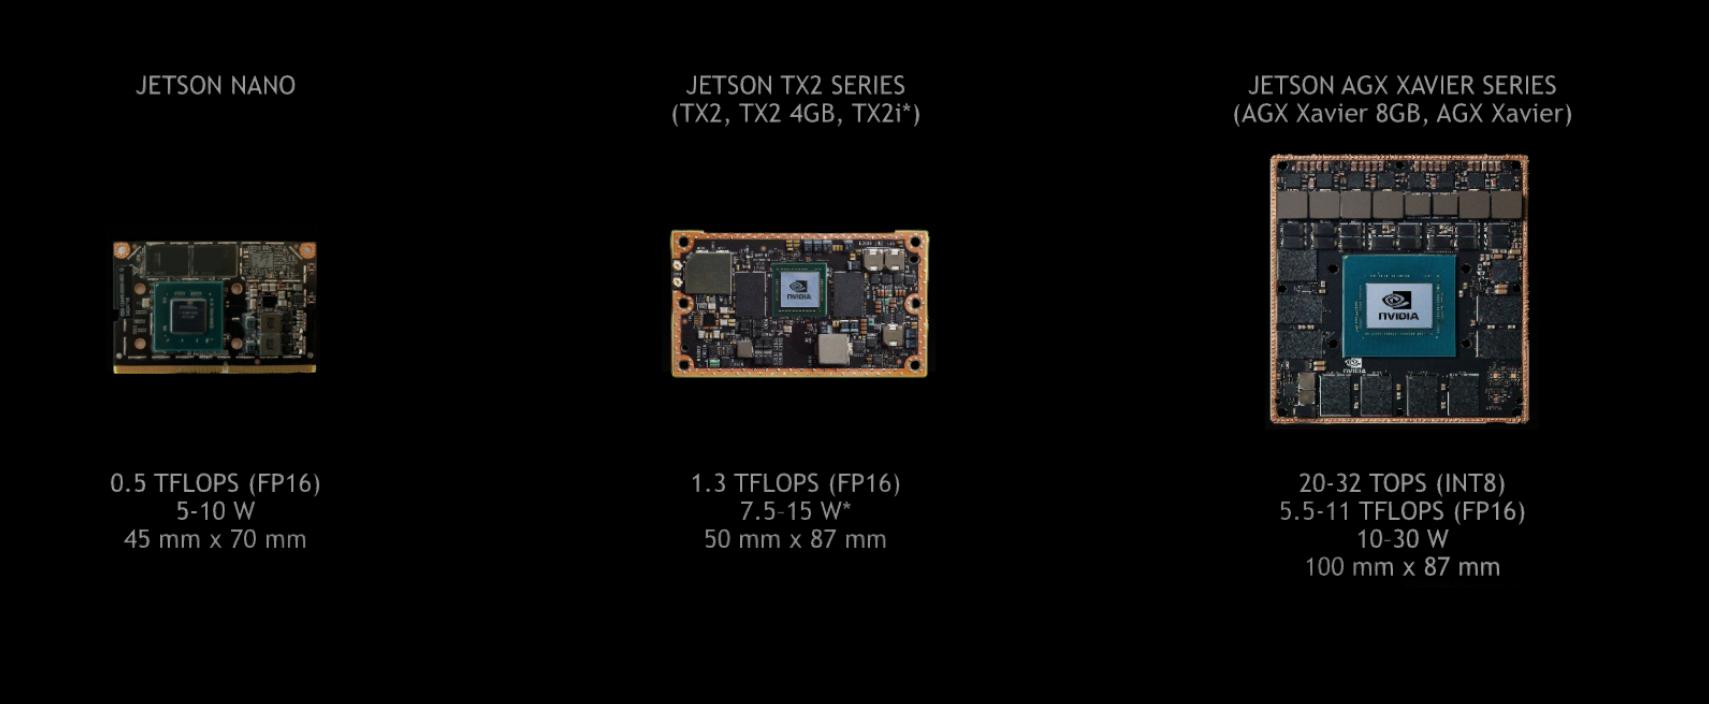 Встраиваемые системы машинного обучения на базе Nvidia Jetson - 3